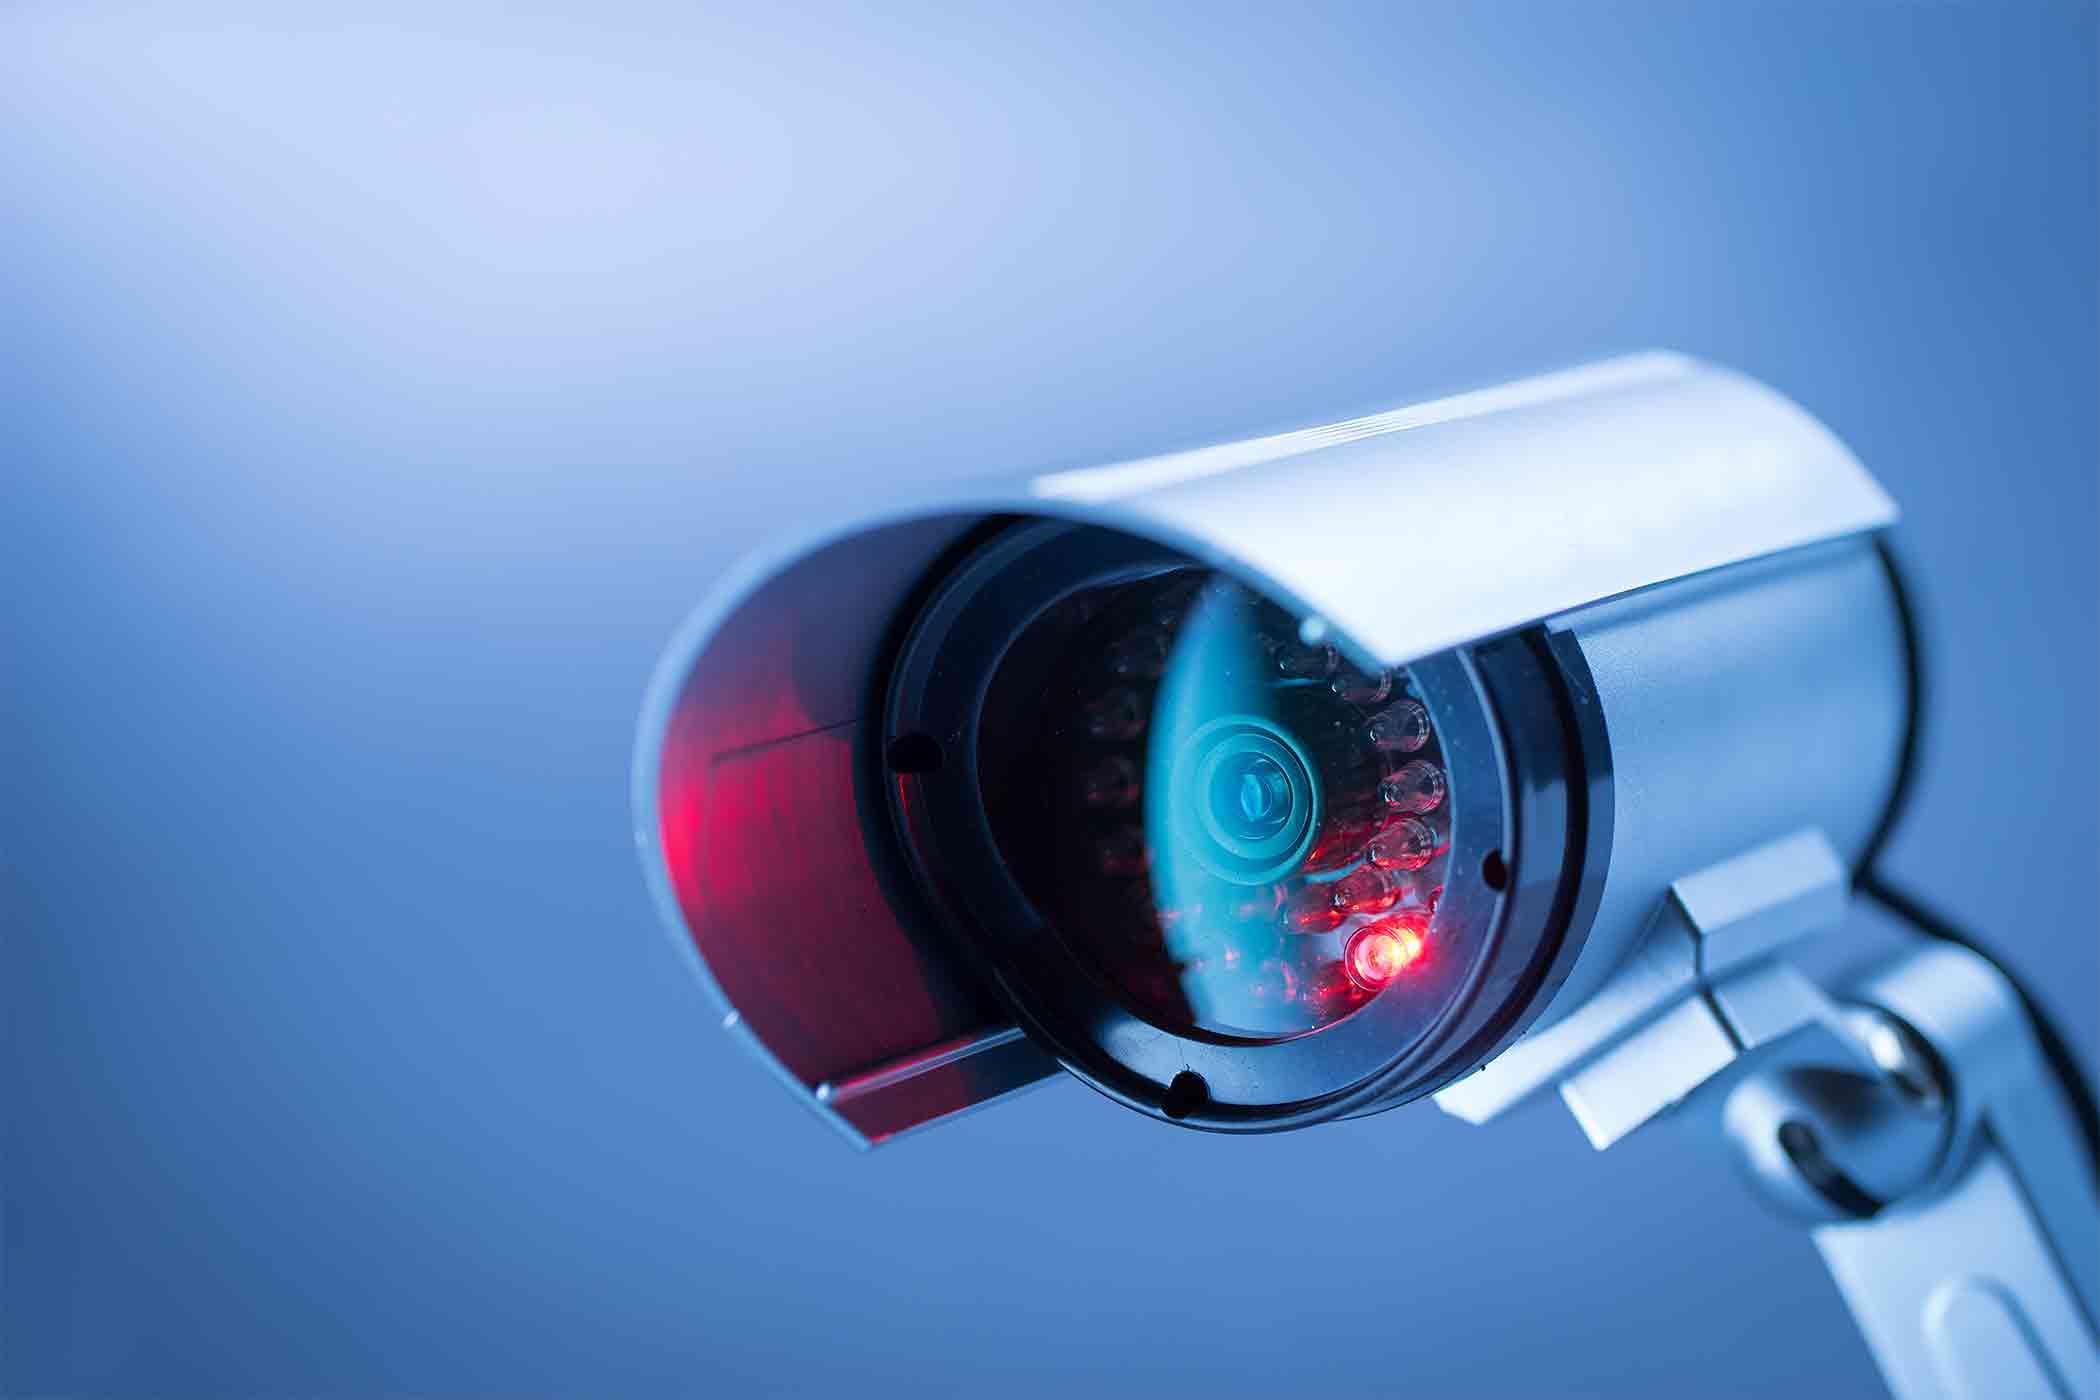 پخش انواع دوربین های مداربسته در سراسر کشور